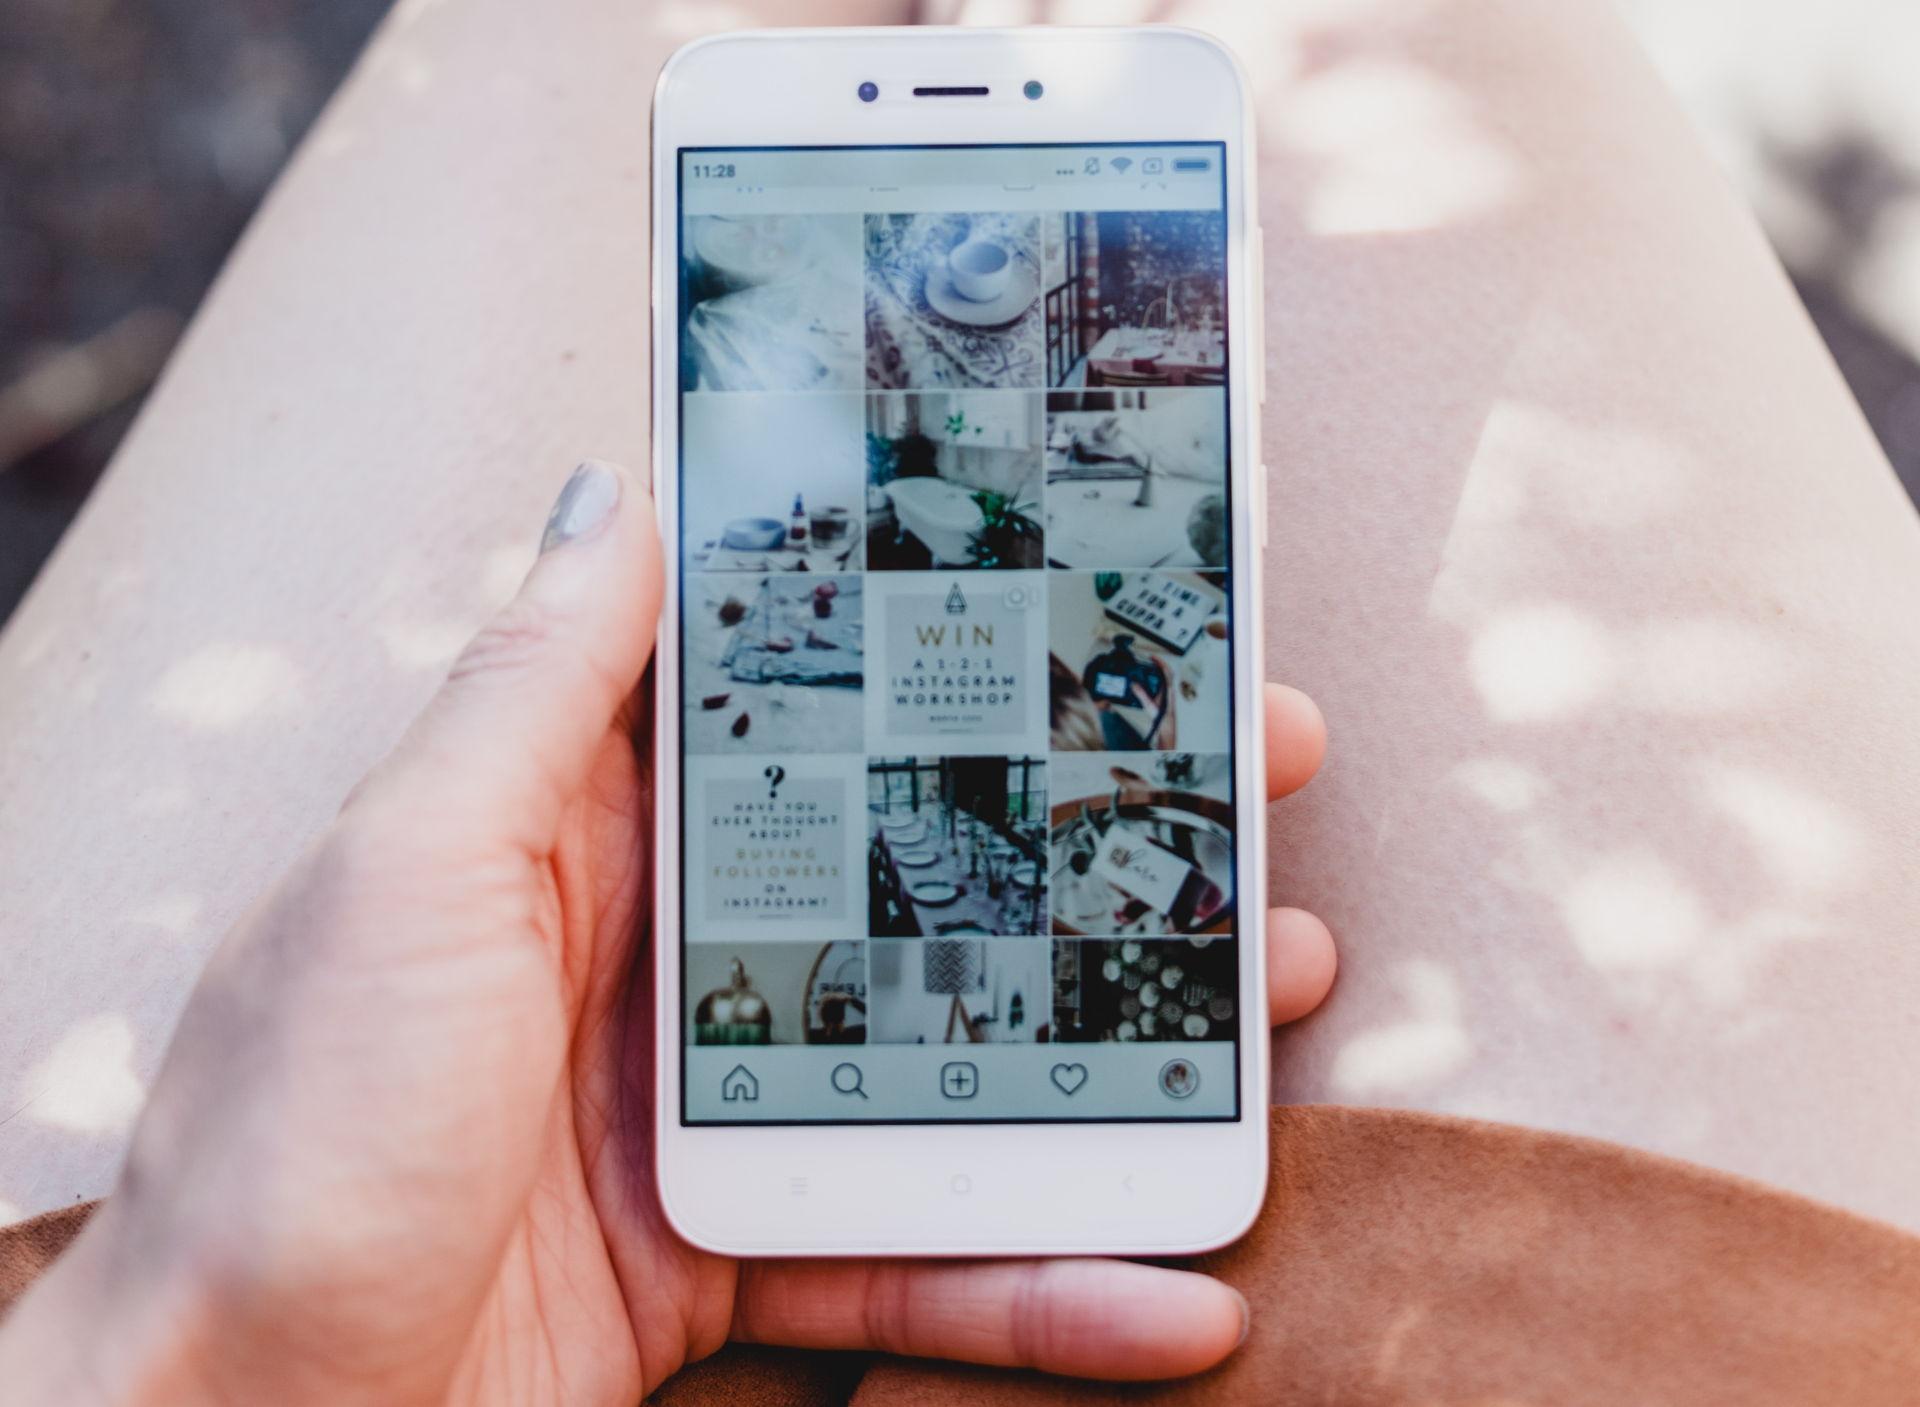 Đăng bài thường xuyên để tăng follower trên Instagram